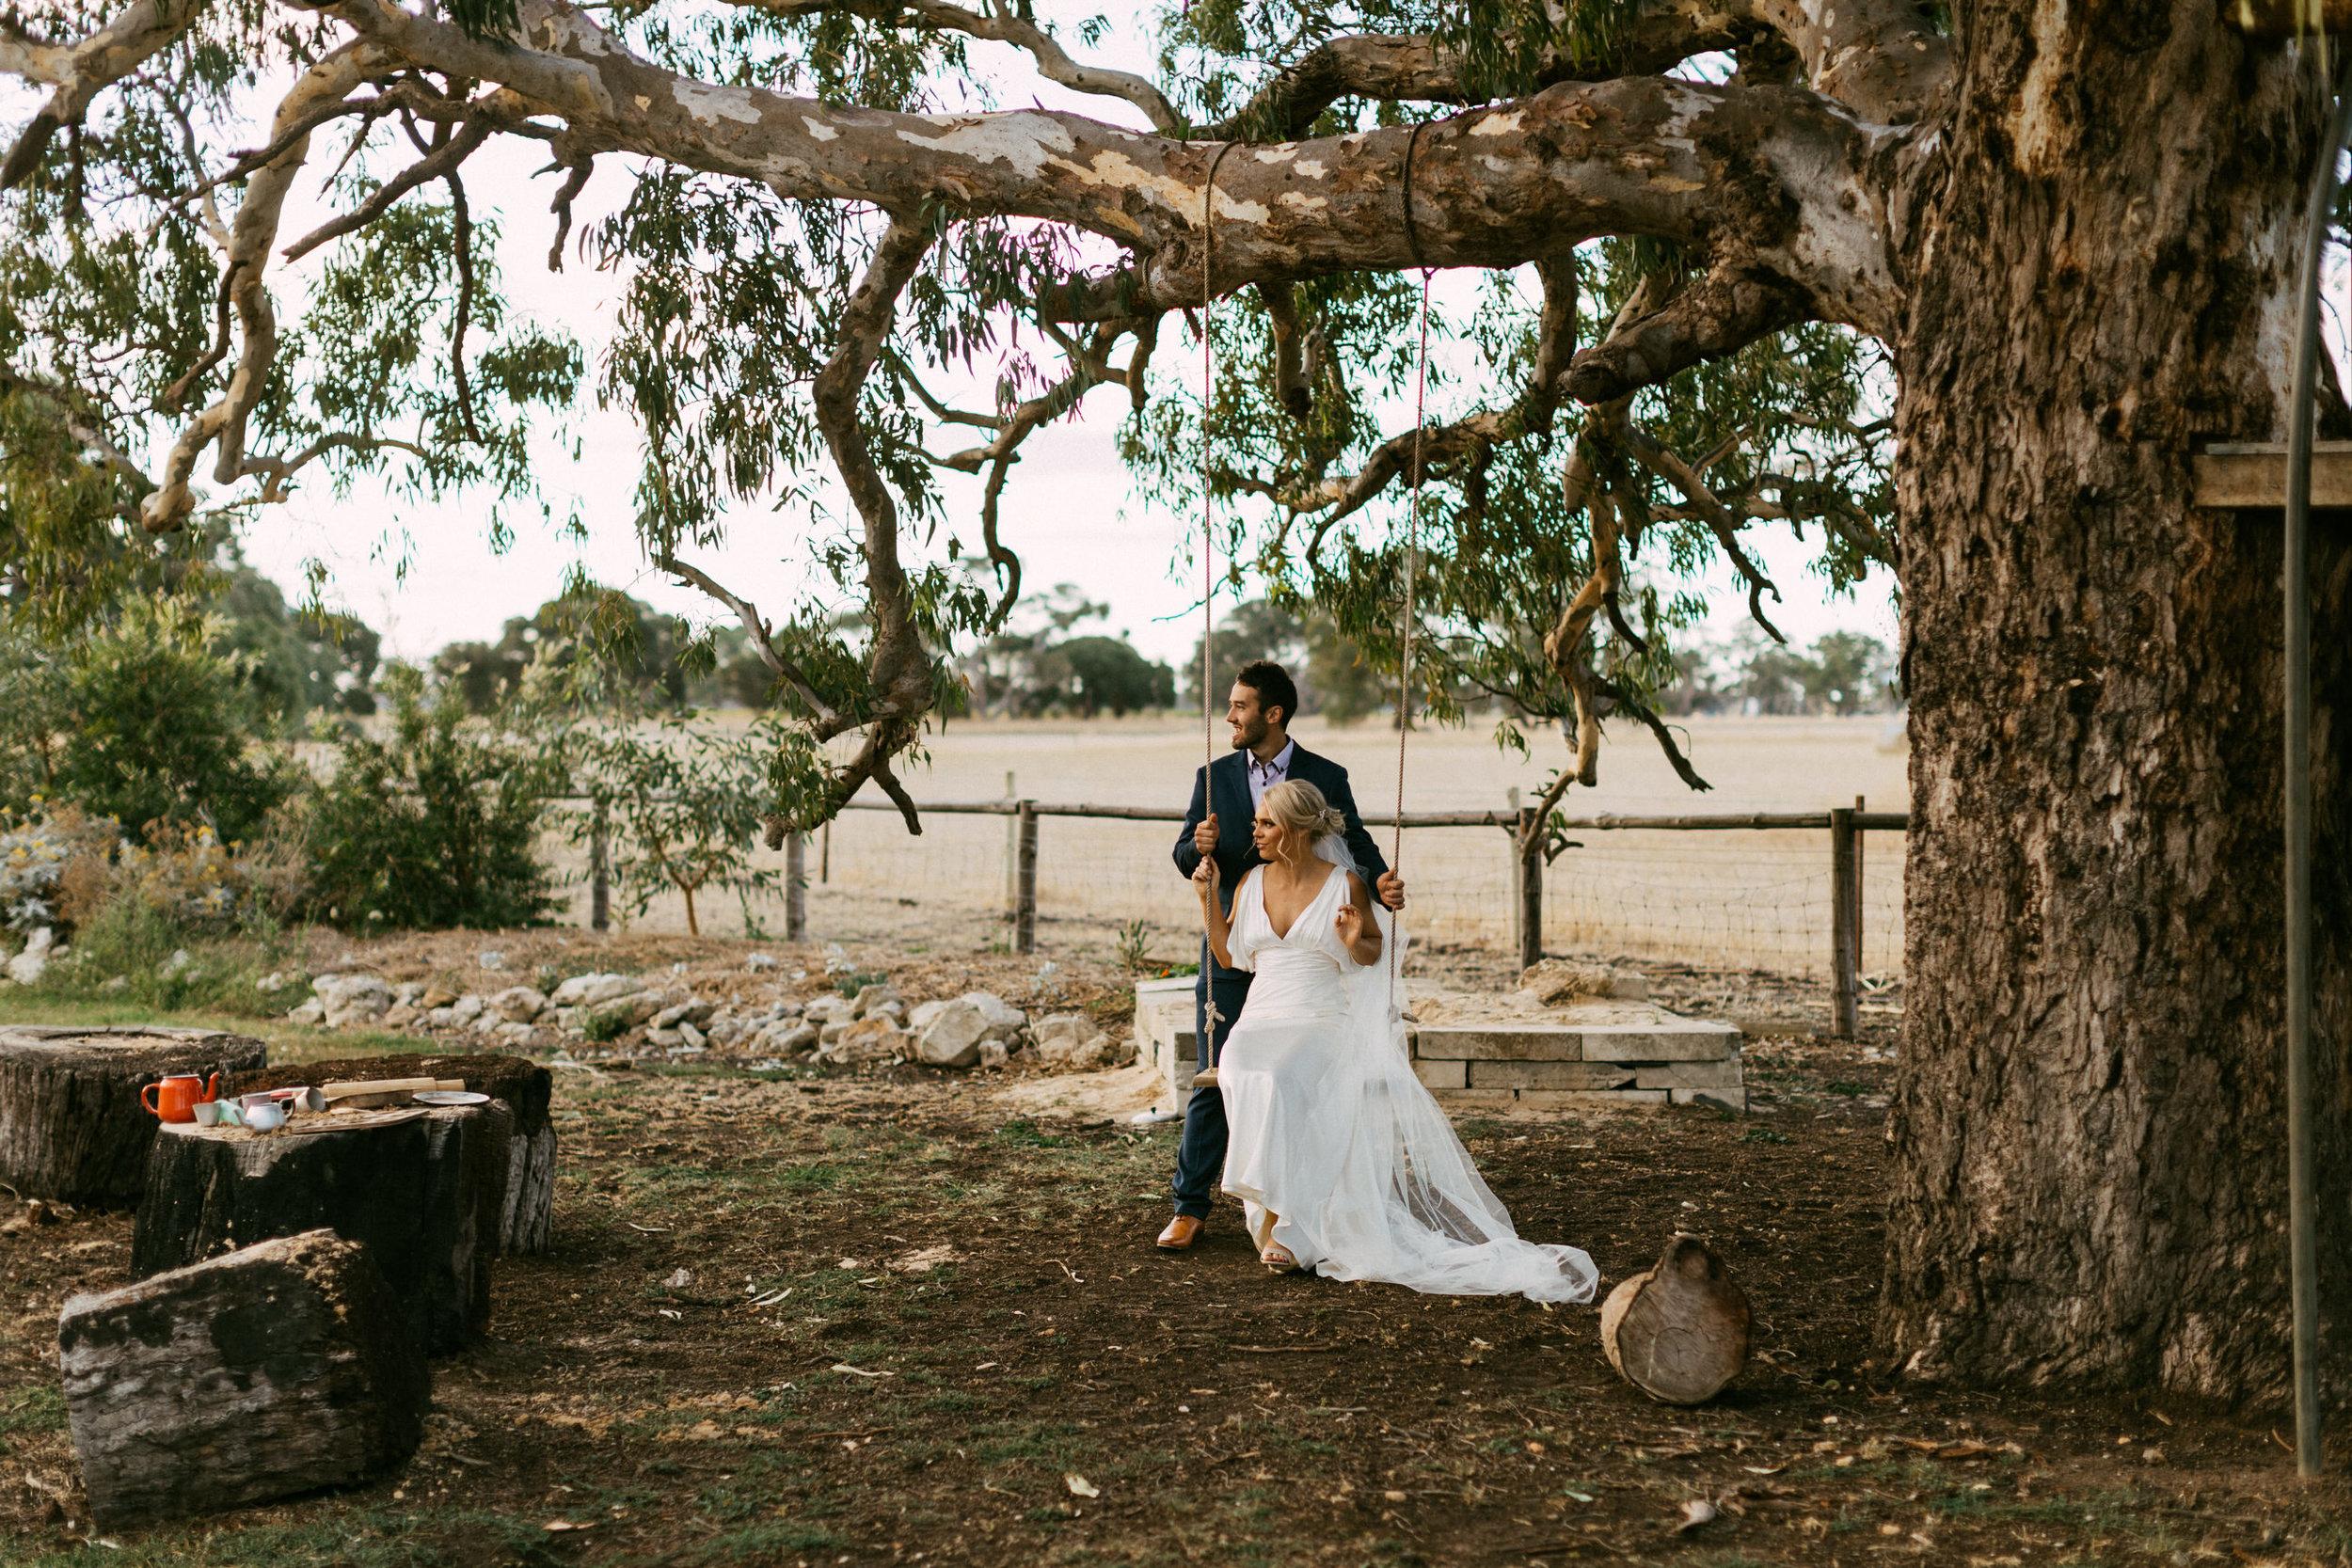 Coonawarra Elopement South Australia 060.jpg